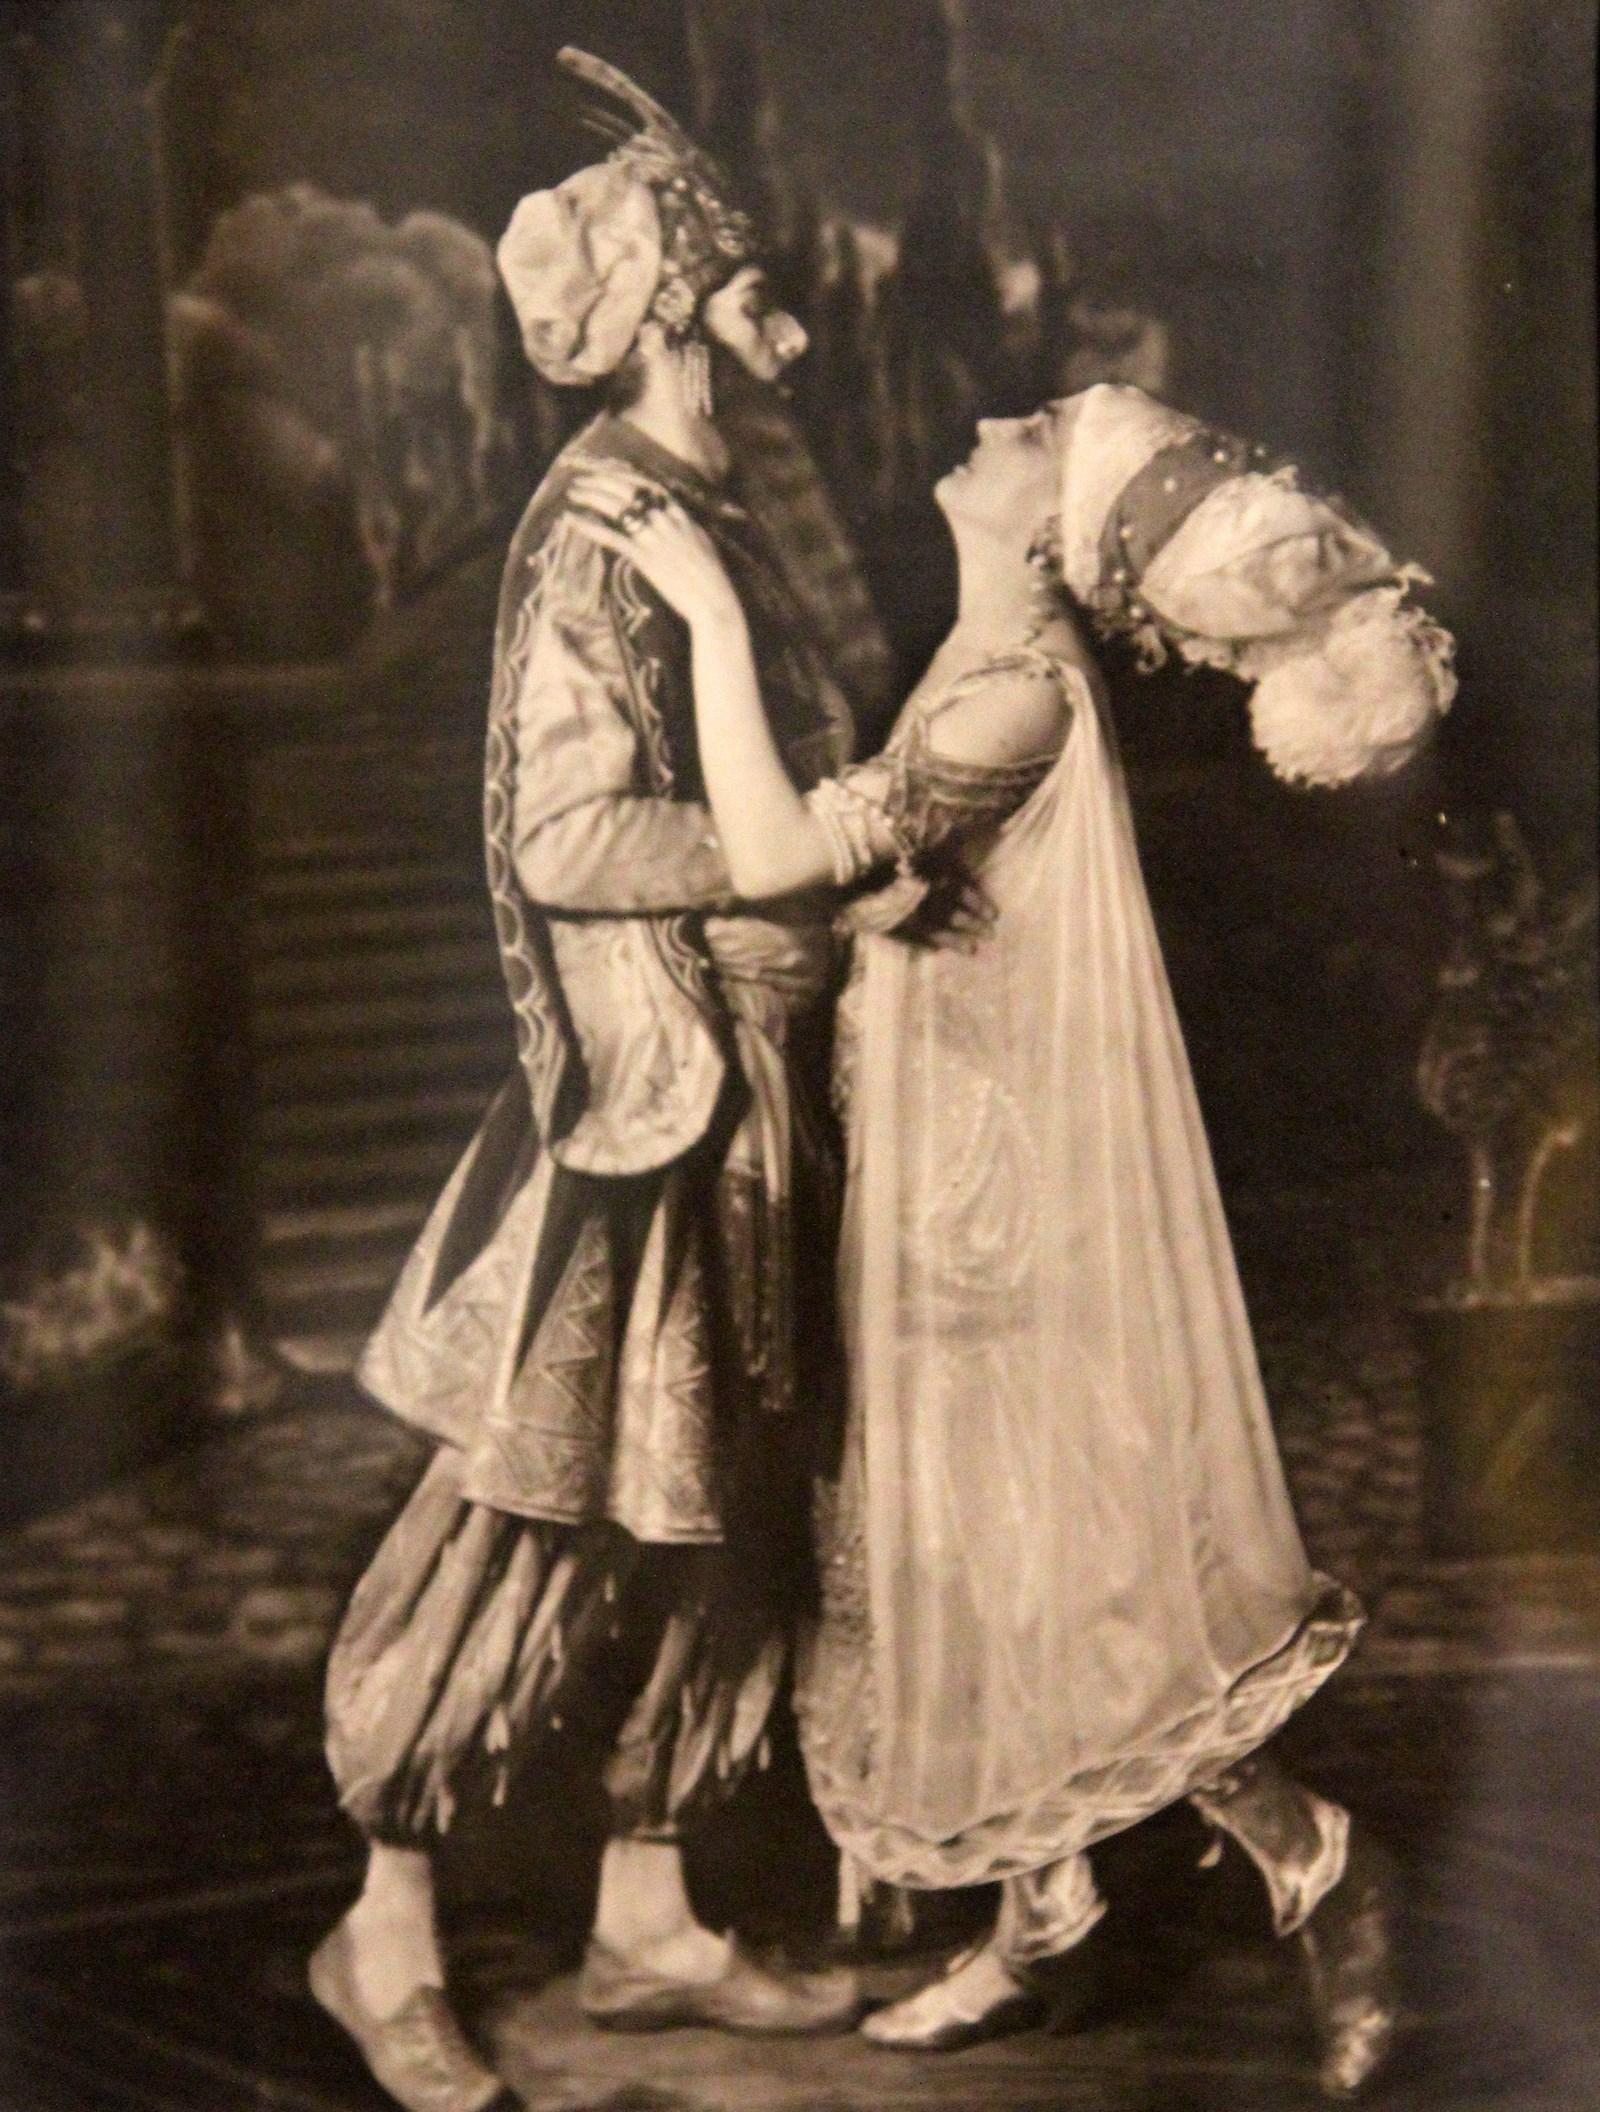 �.�. ��������� � �������, ��. ��������� � ��� ������ �������� ����� ��������. 1913-1915 ����� �����������. ����������, ���������� �����-�����. �������� �������: aldusku.livejournal.com